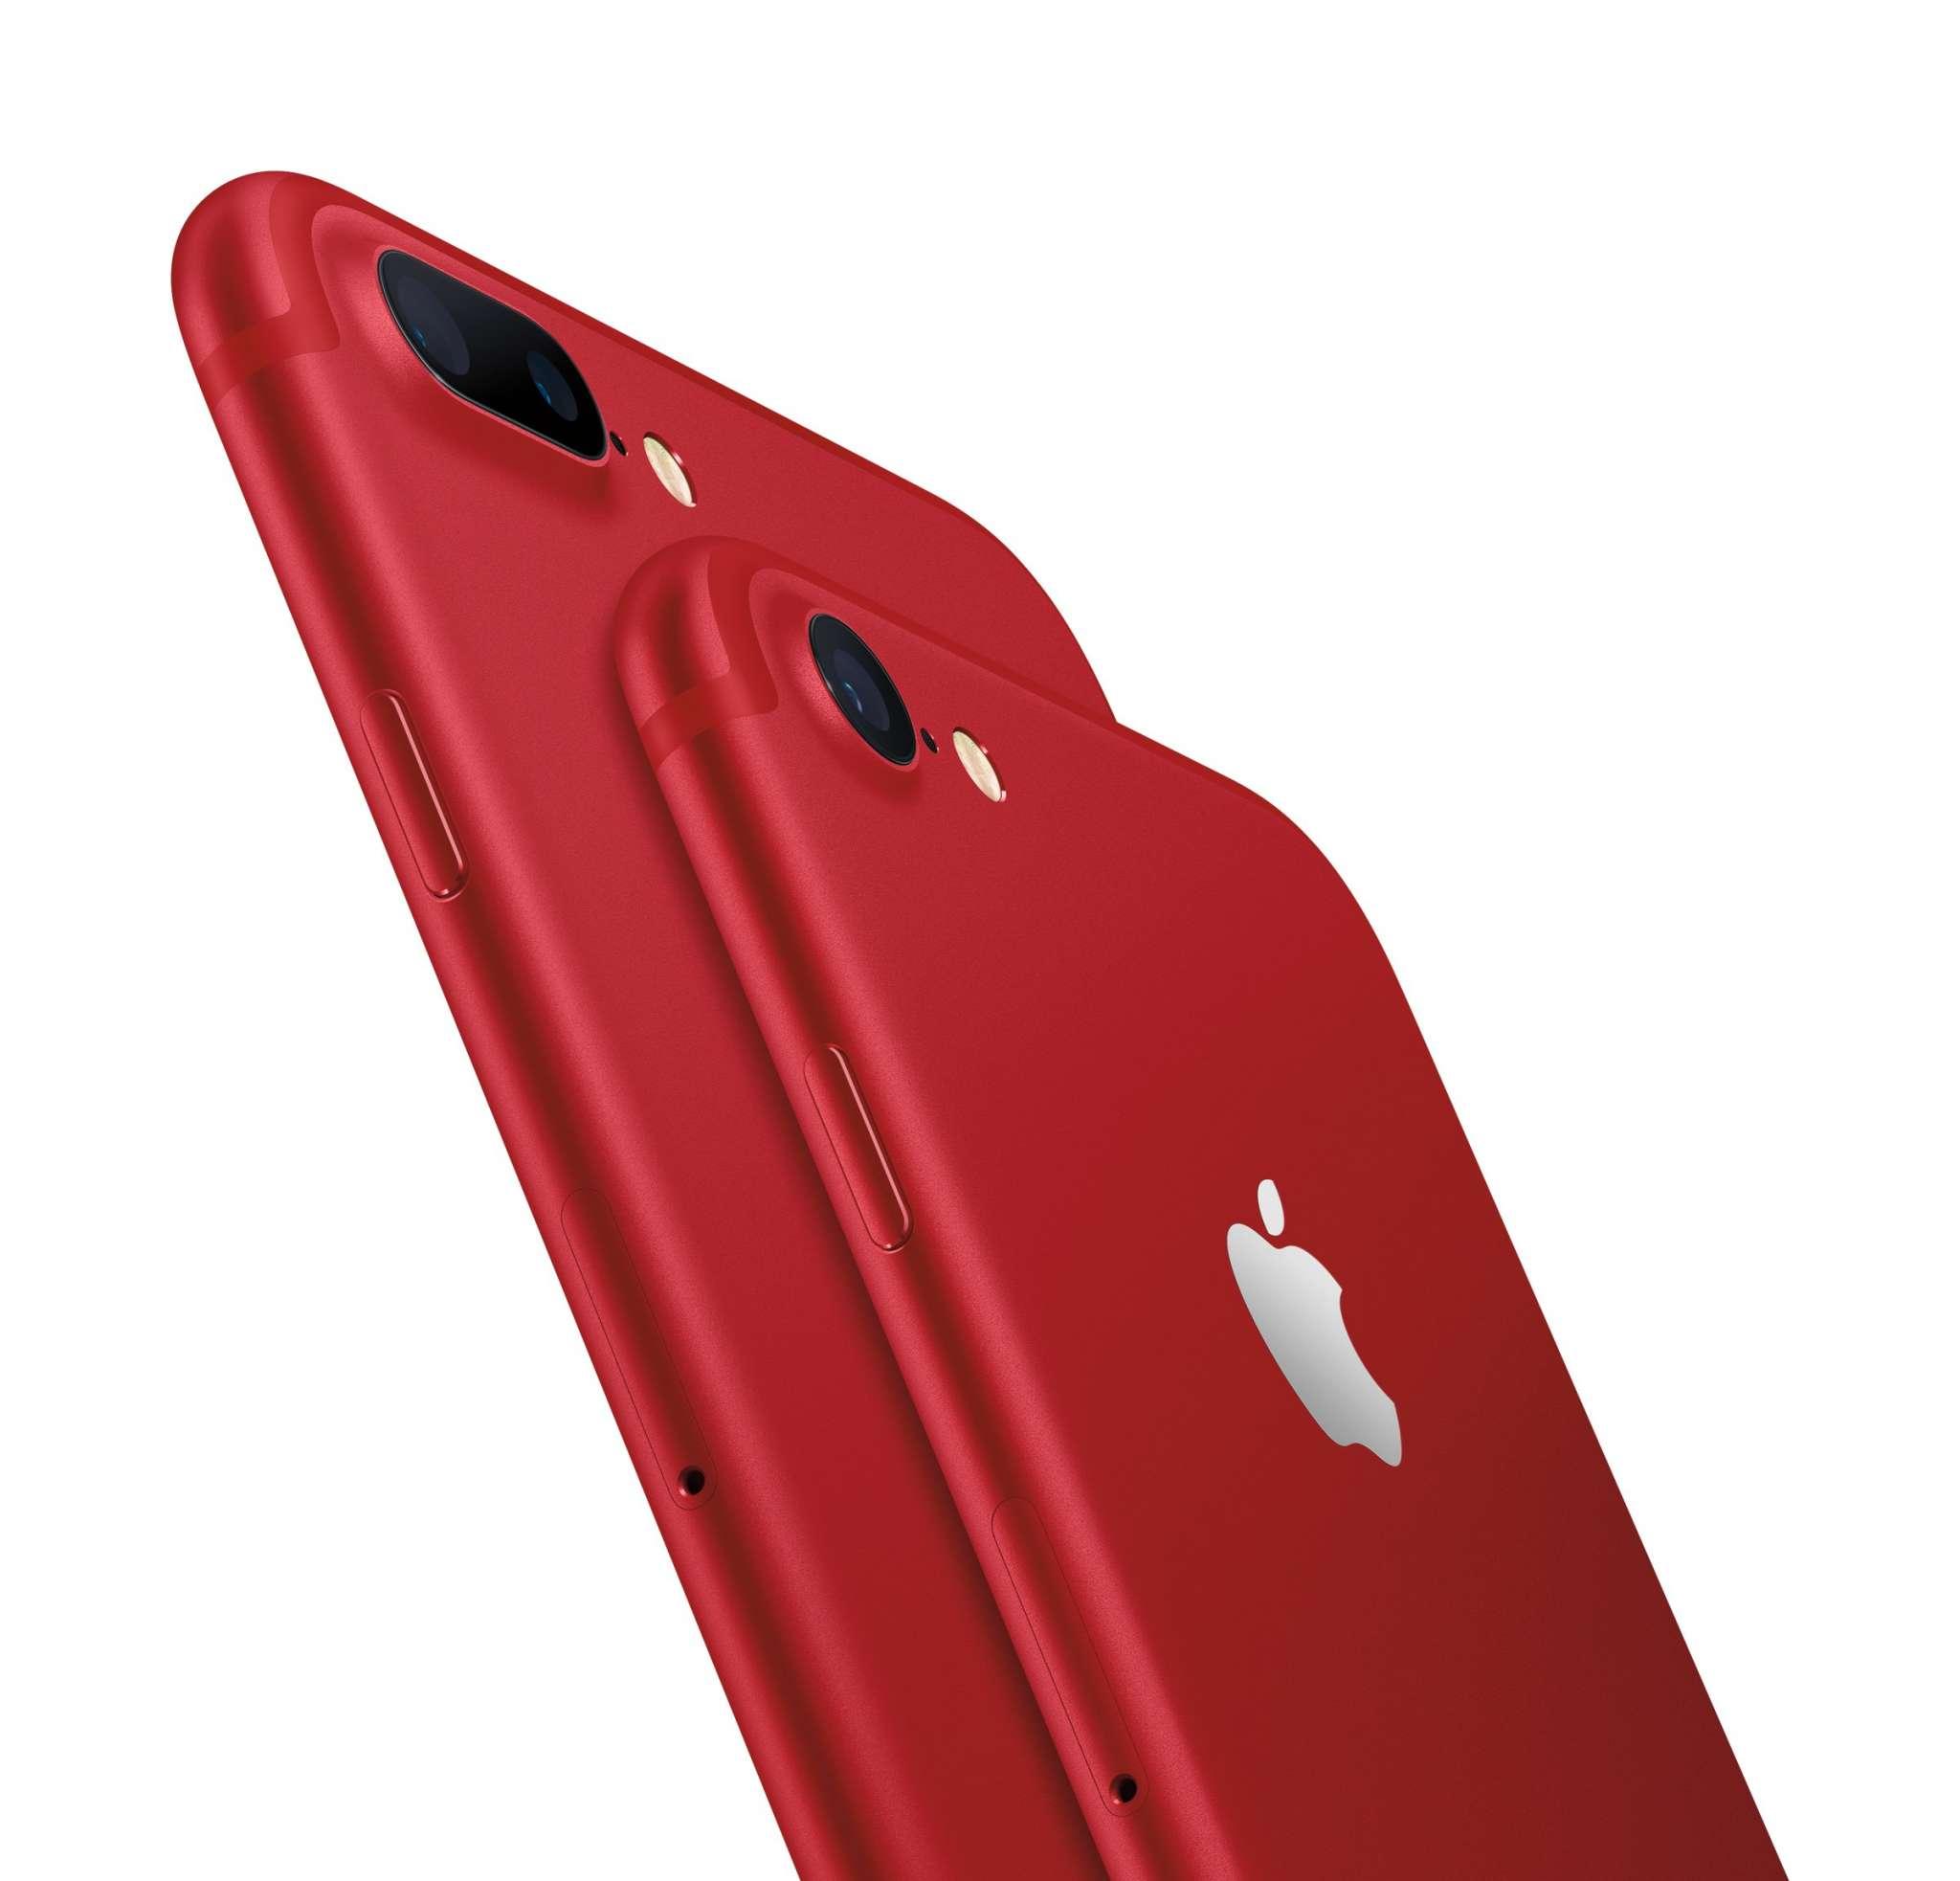 آیفون۷ قرمز معرفی شد